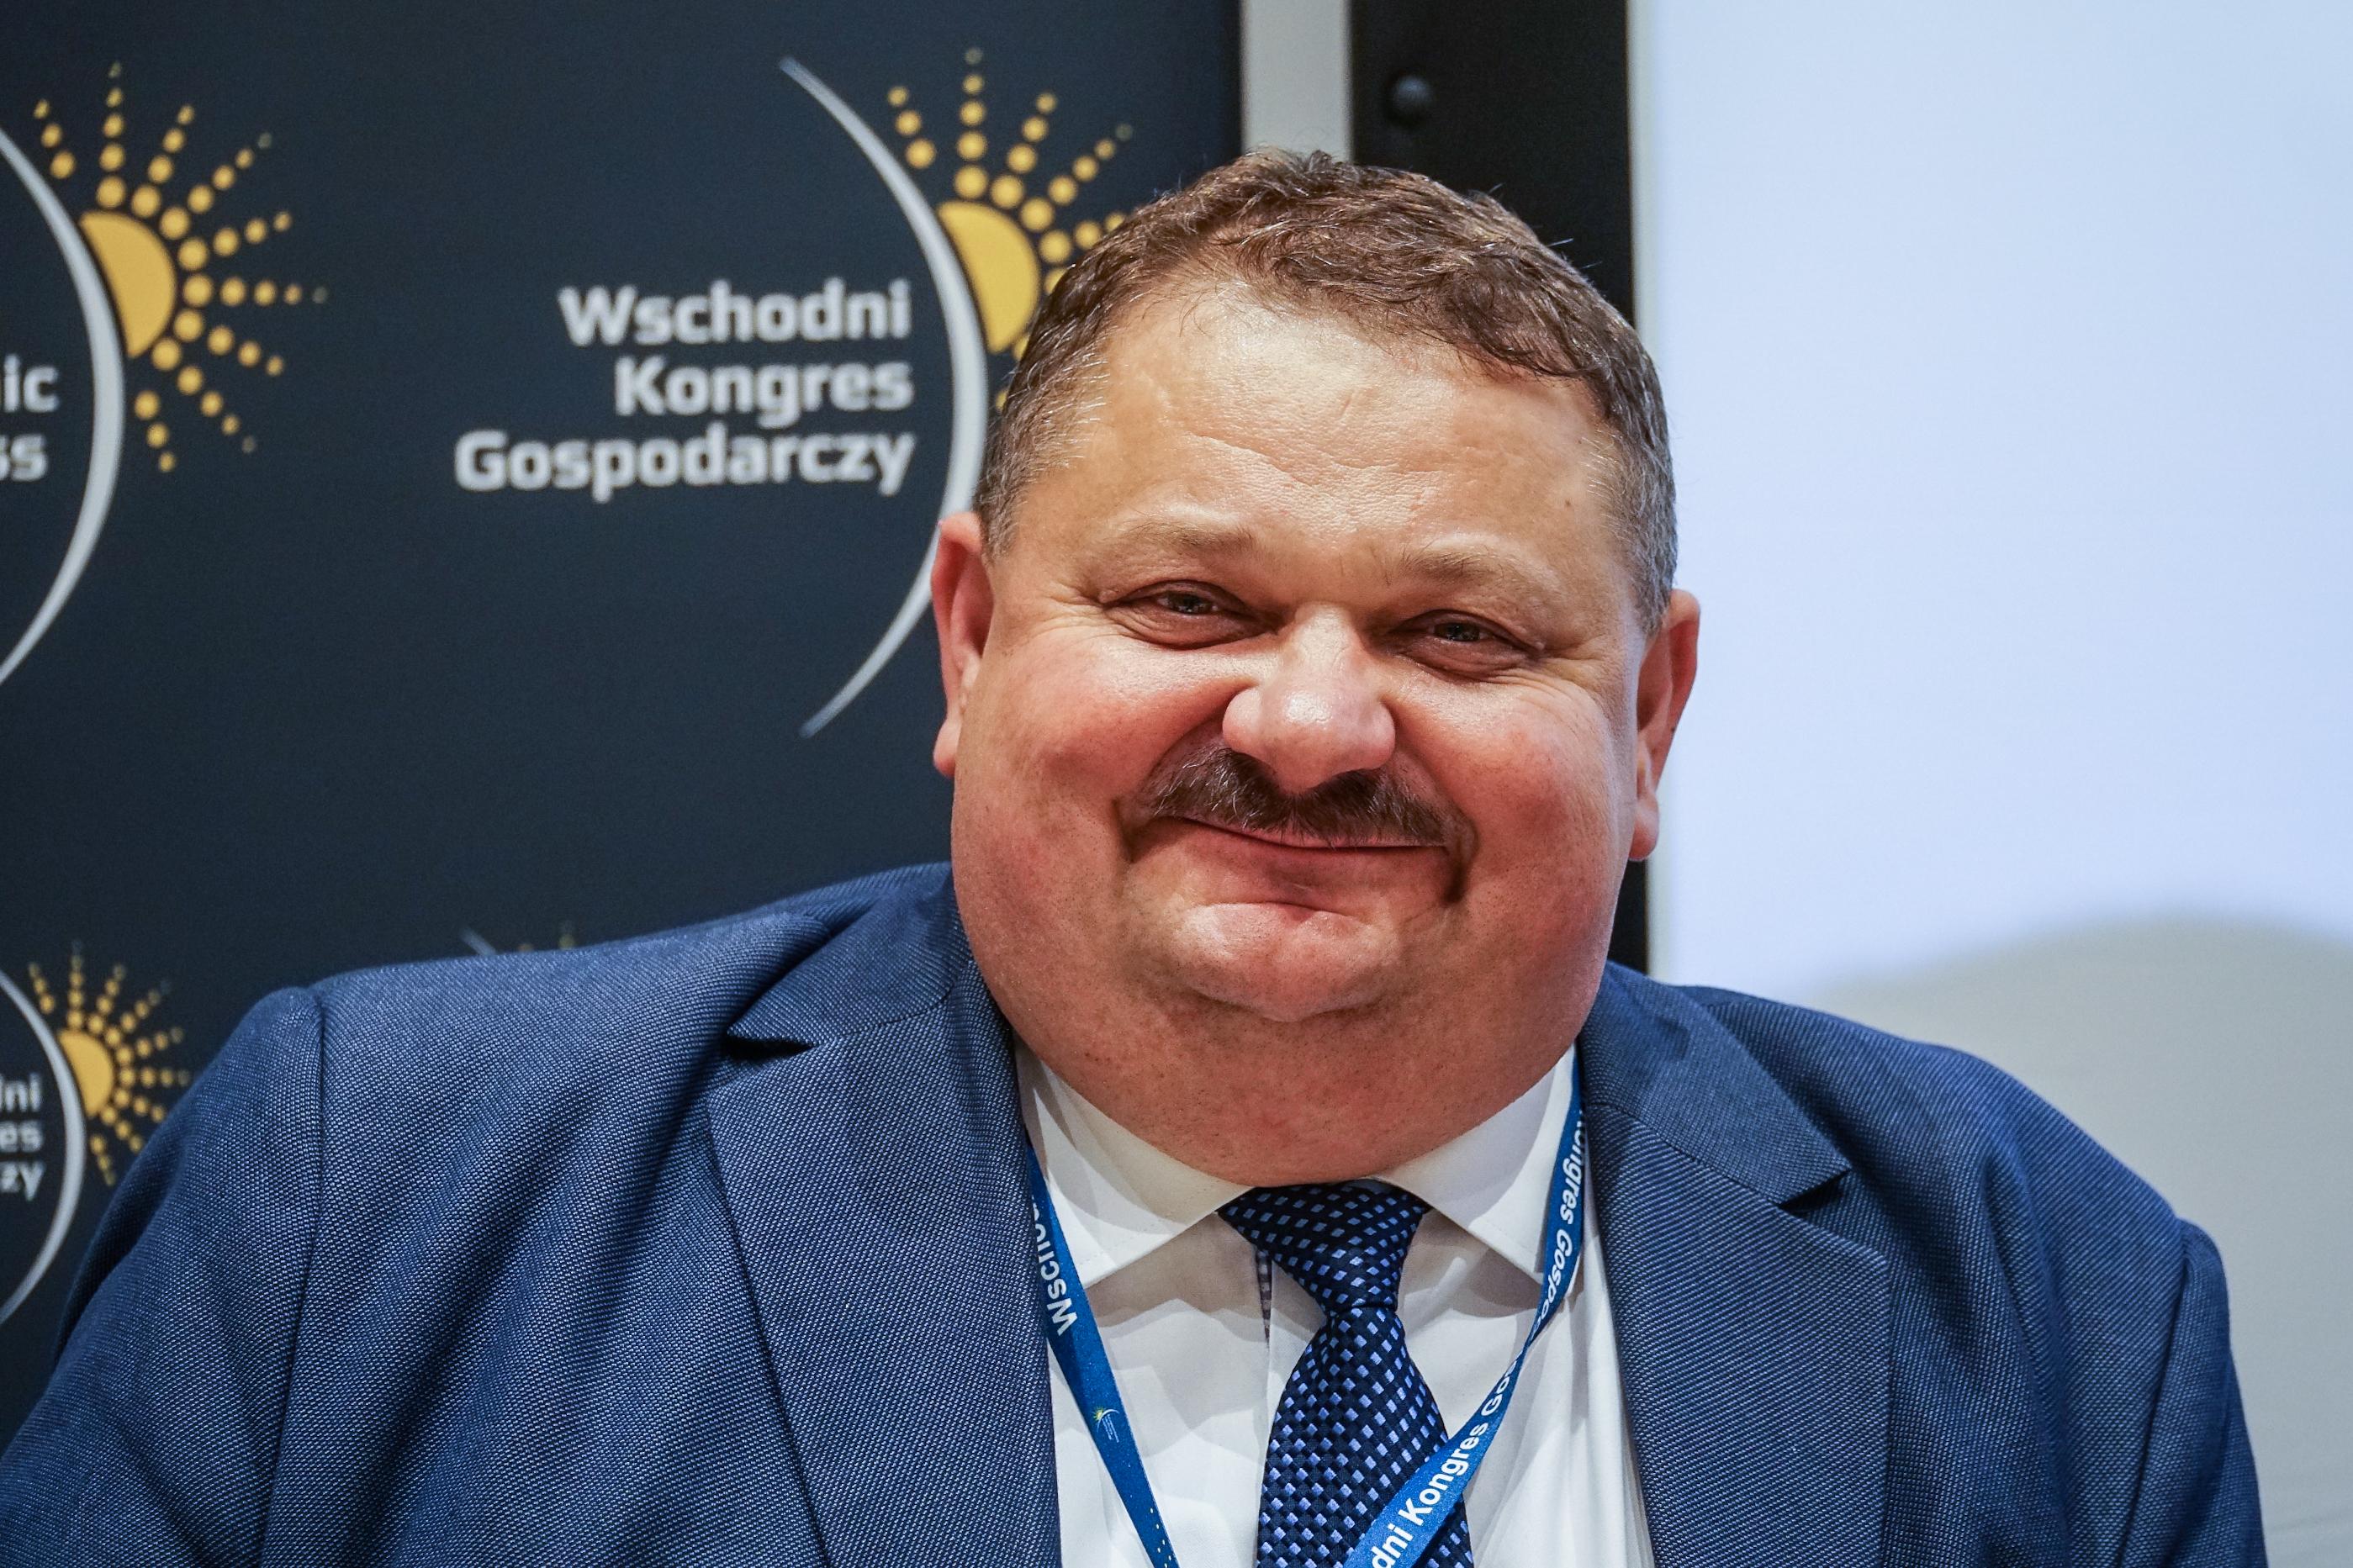 Stanisław Derehajło podkreśla wagę zapewnienia powszechnego dostępu do szybkiego internetu (fot. PTWP/Michał Oleksy)